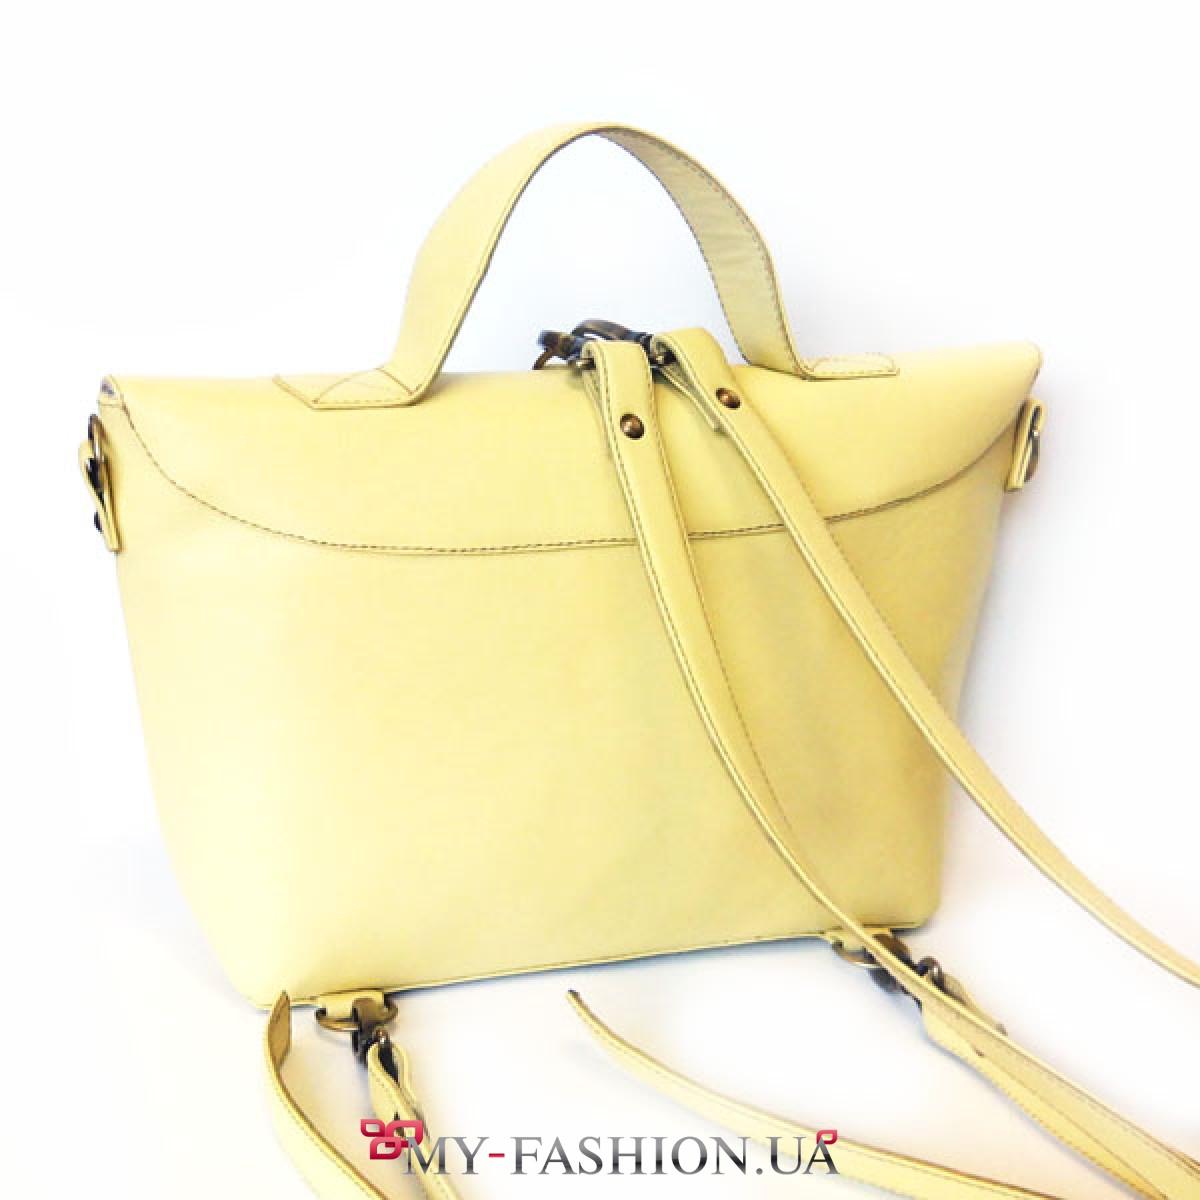 7739a5919bb1 Женская сумка-портфель лимонного цвета купить в интернет магазине в ...